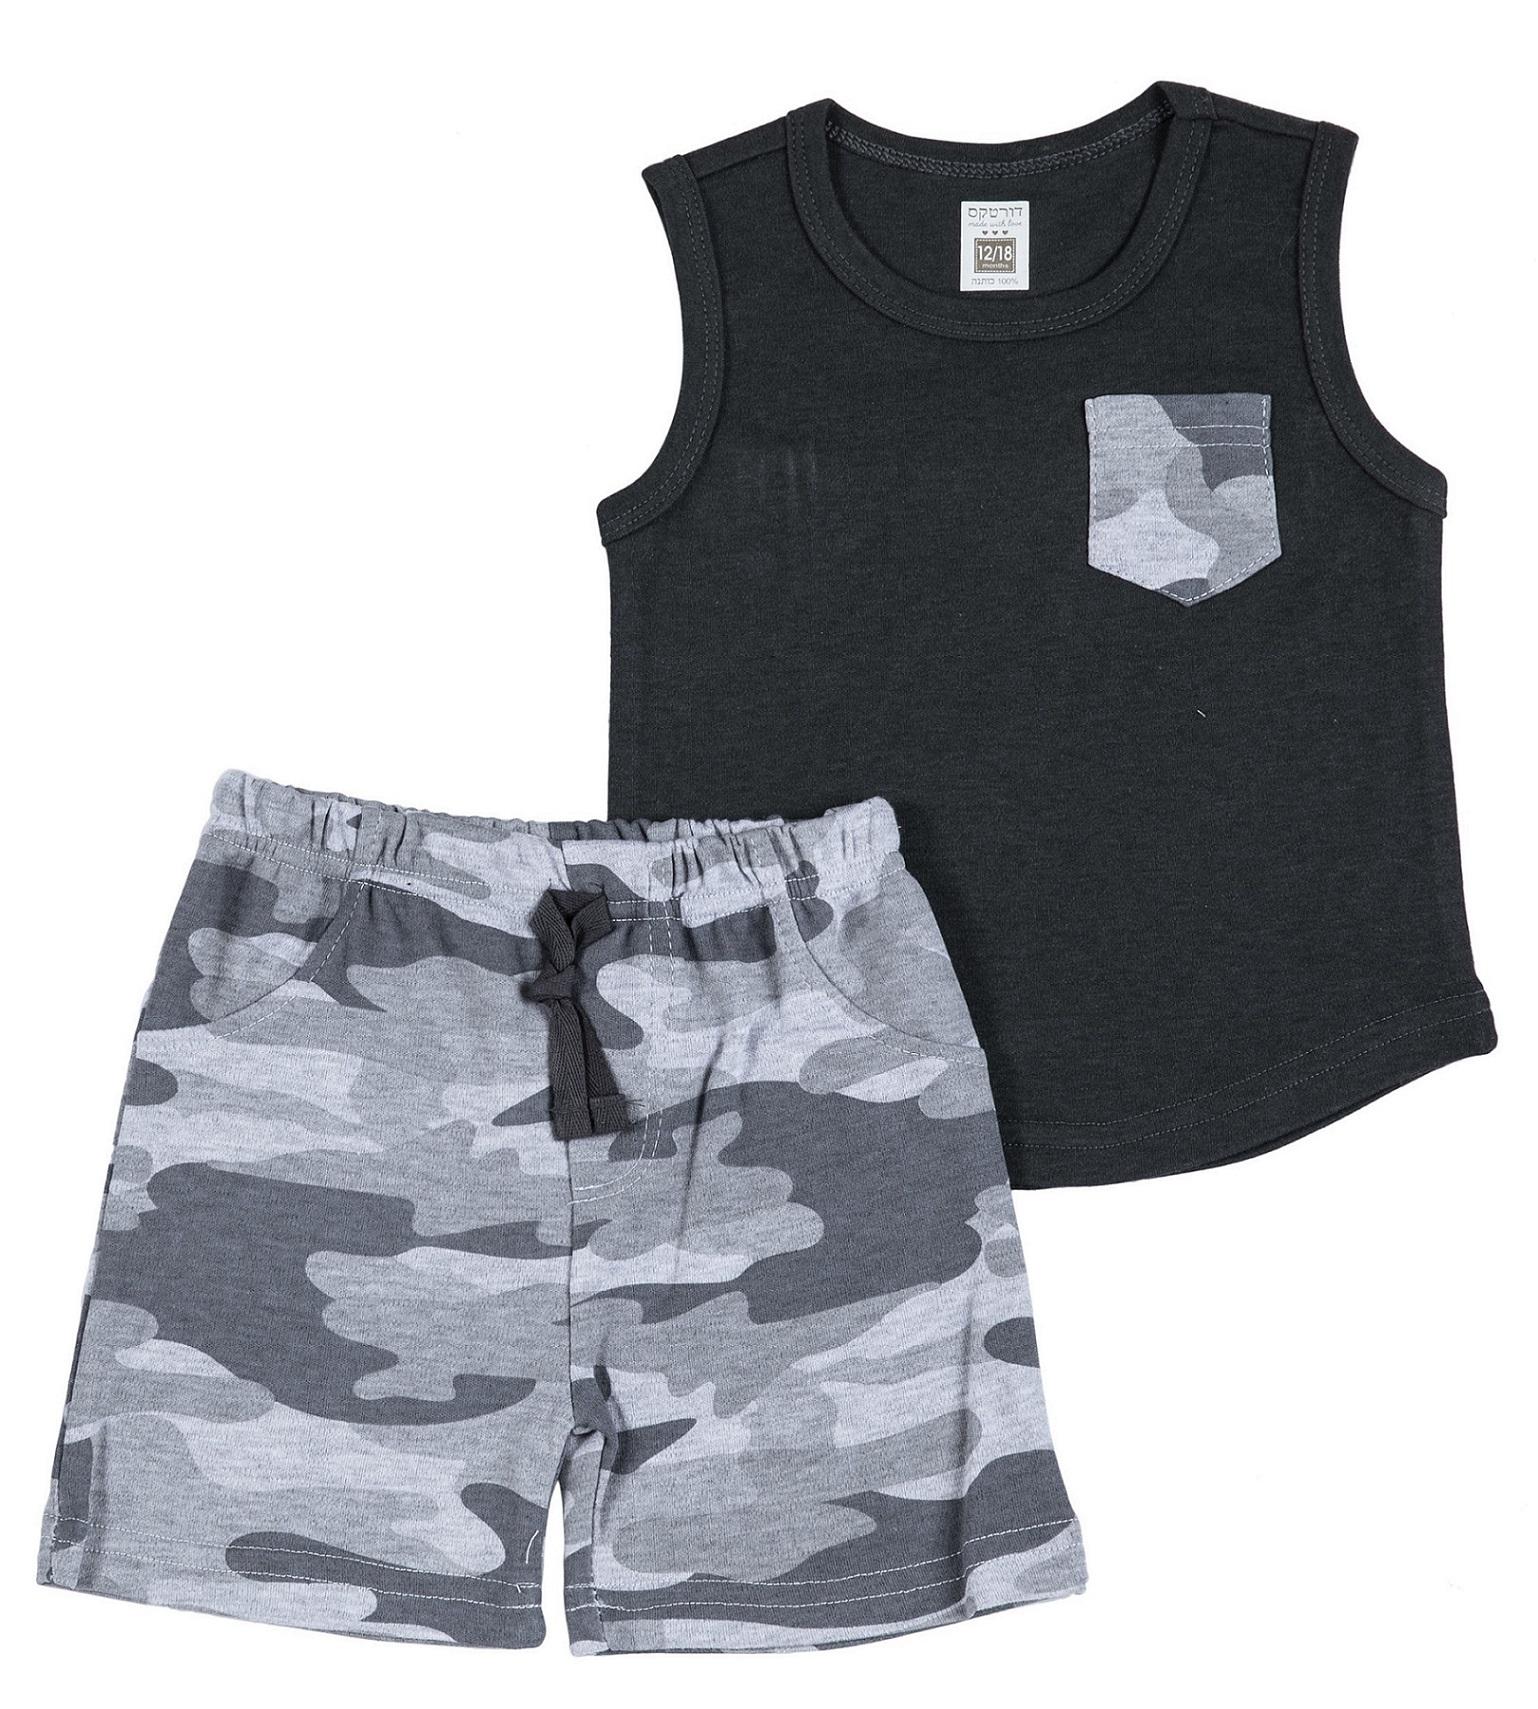 חליפה קצרה גופייה וכיס צבאי שחור